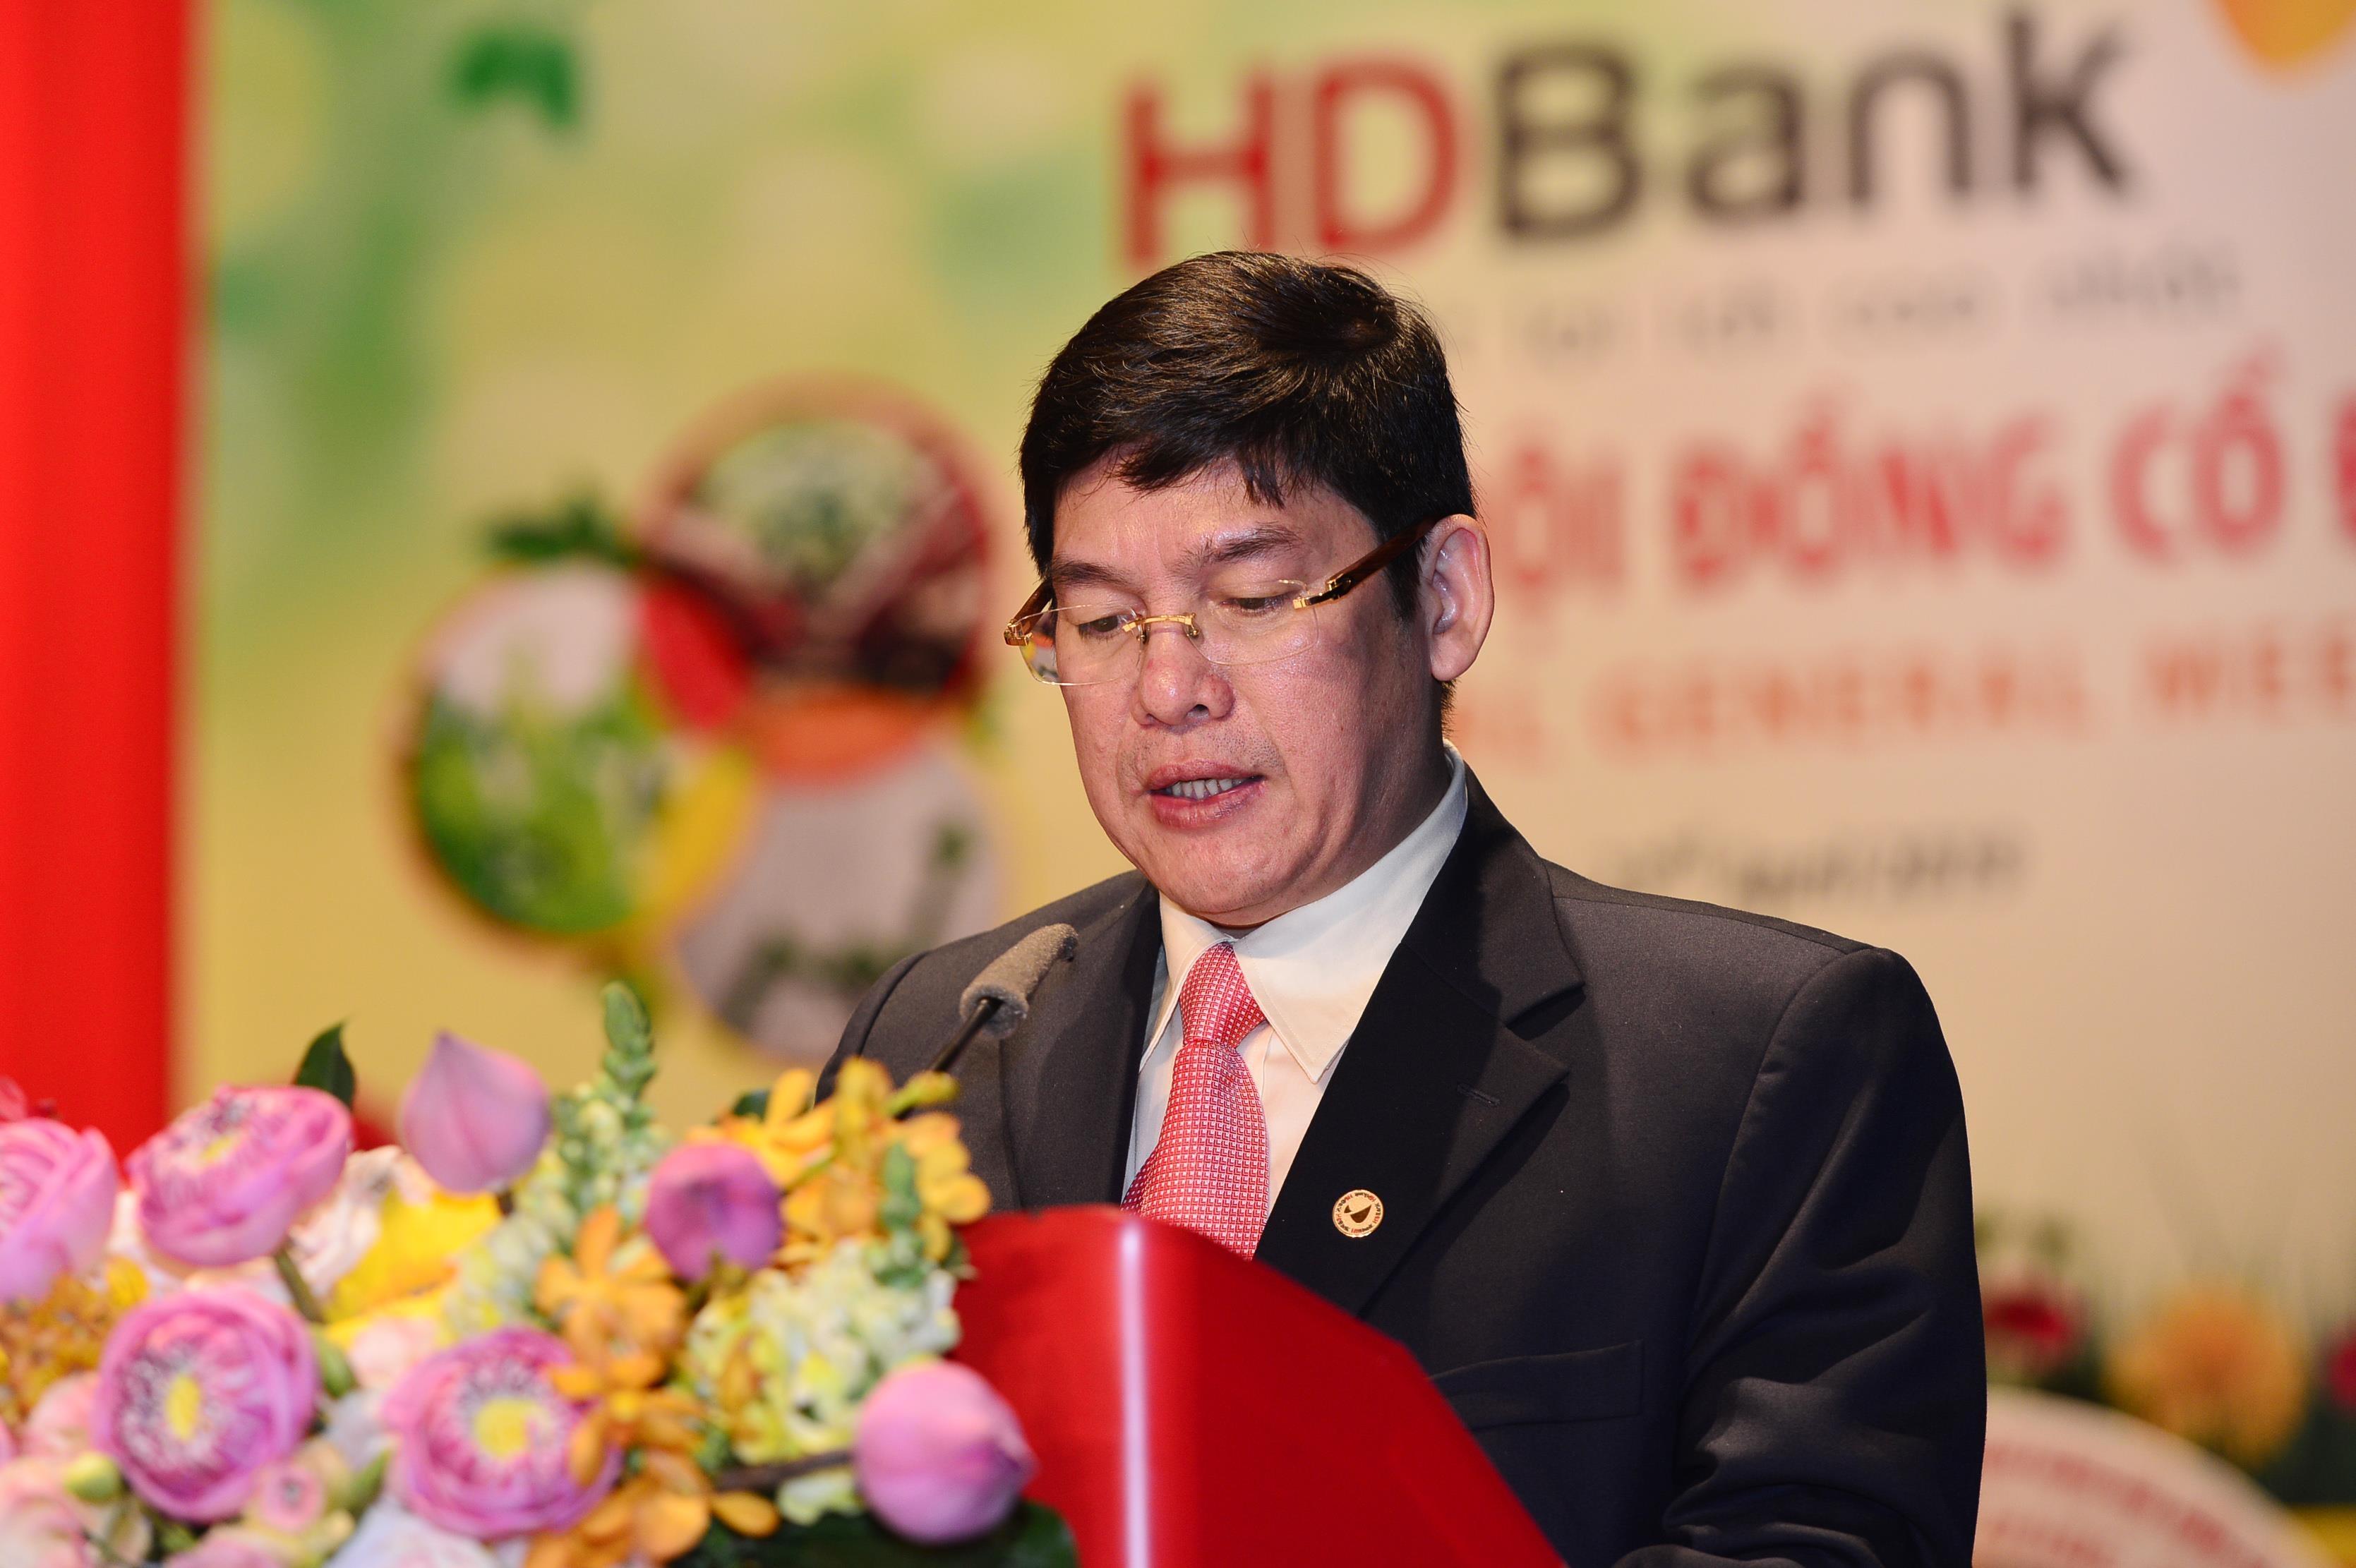 HDBank,  dai hoi co dong 2019 anh 9